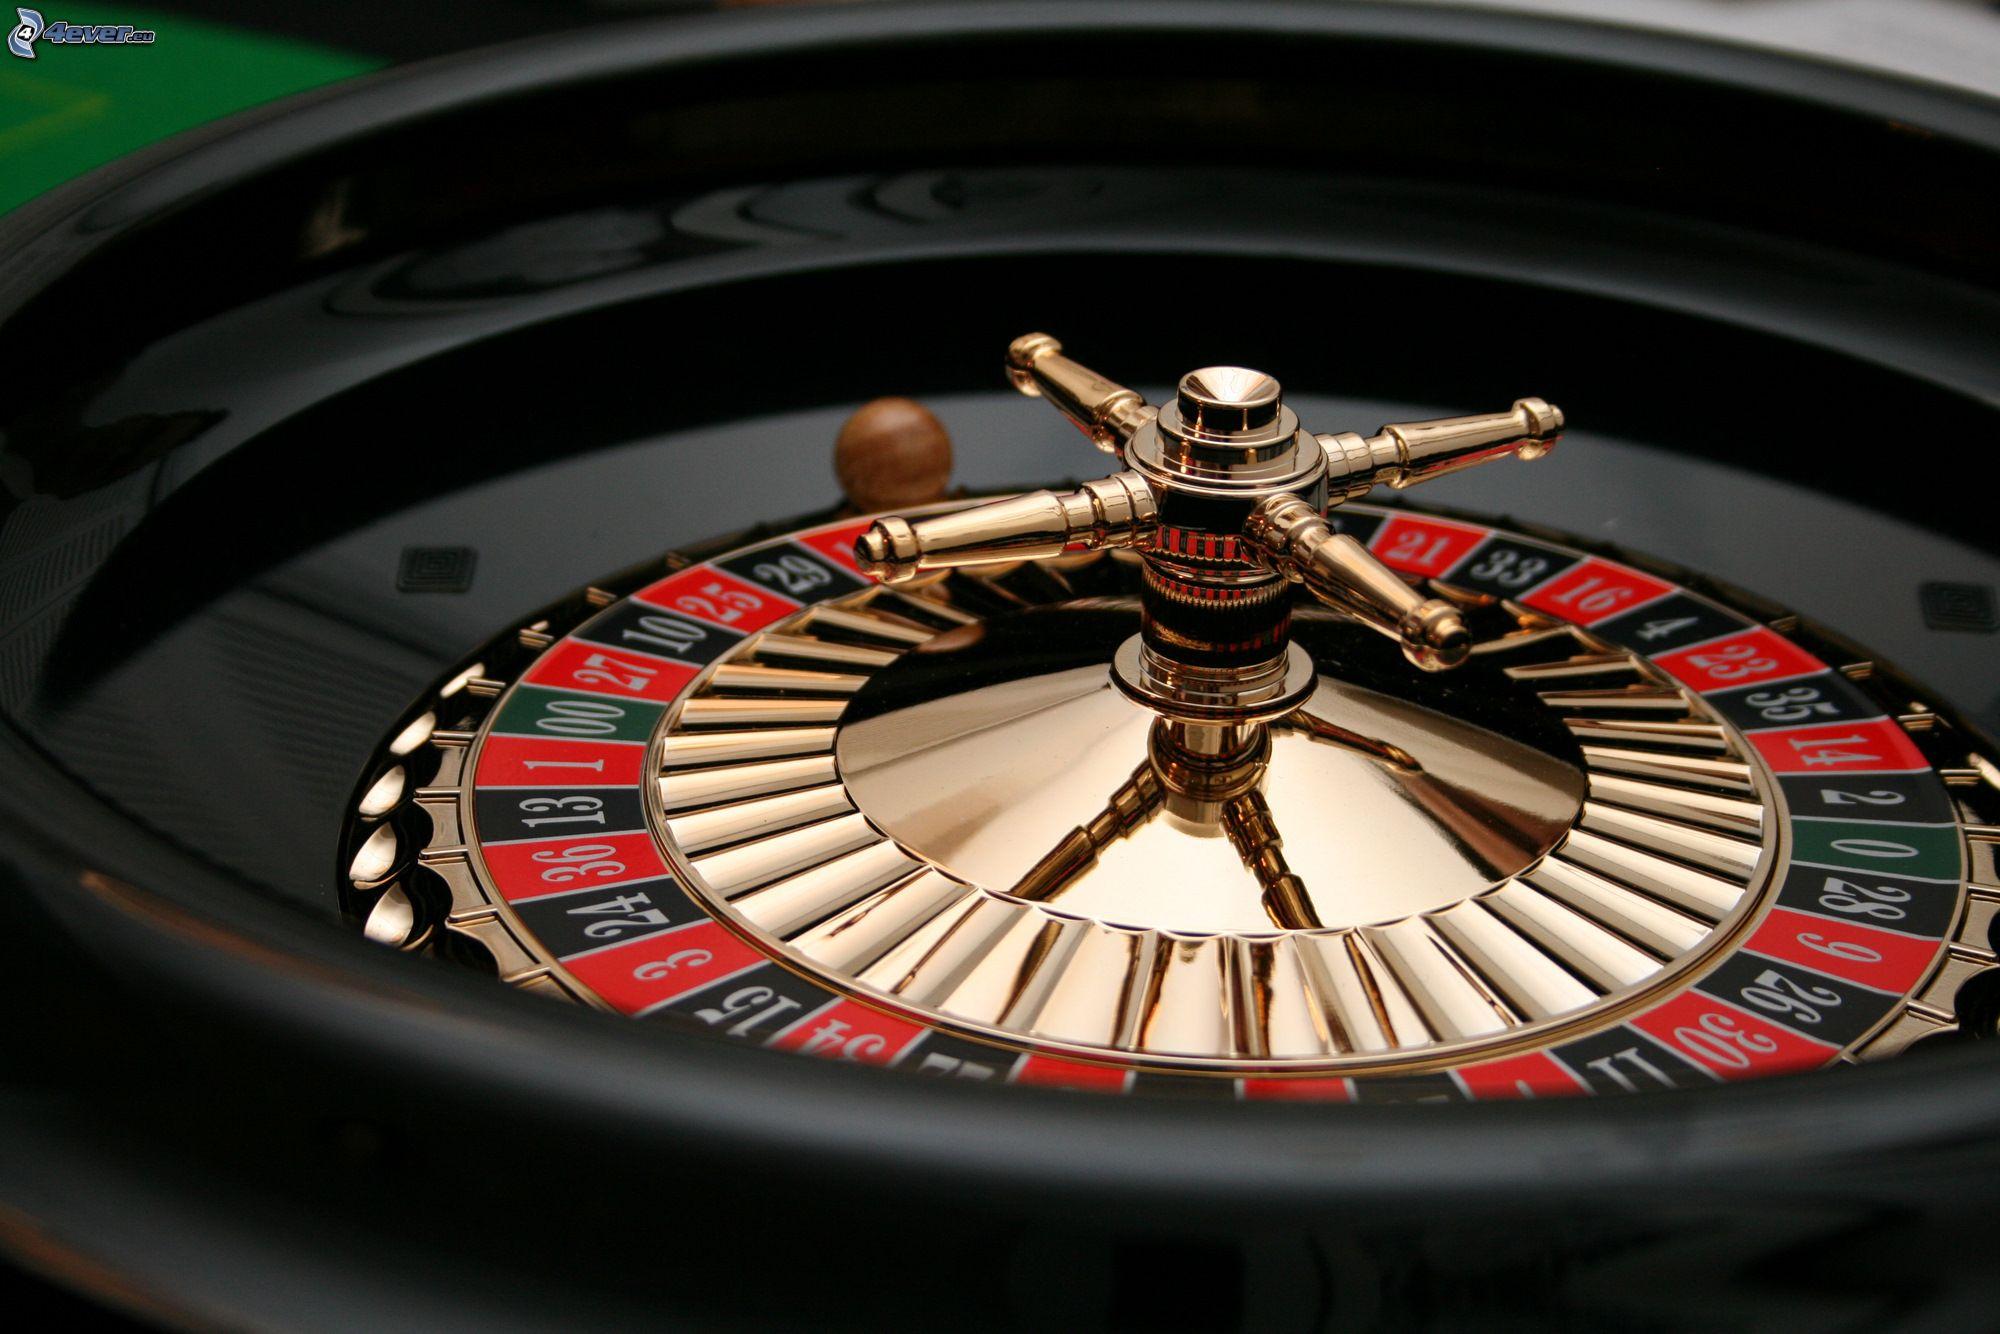 Roulette Bilder